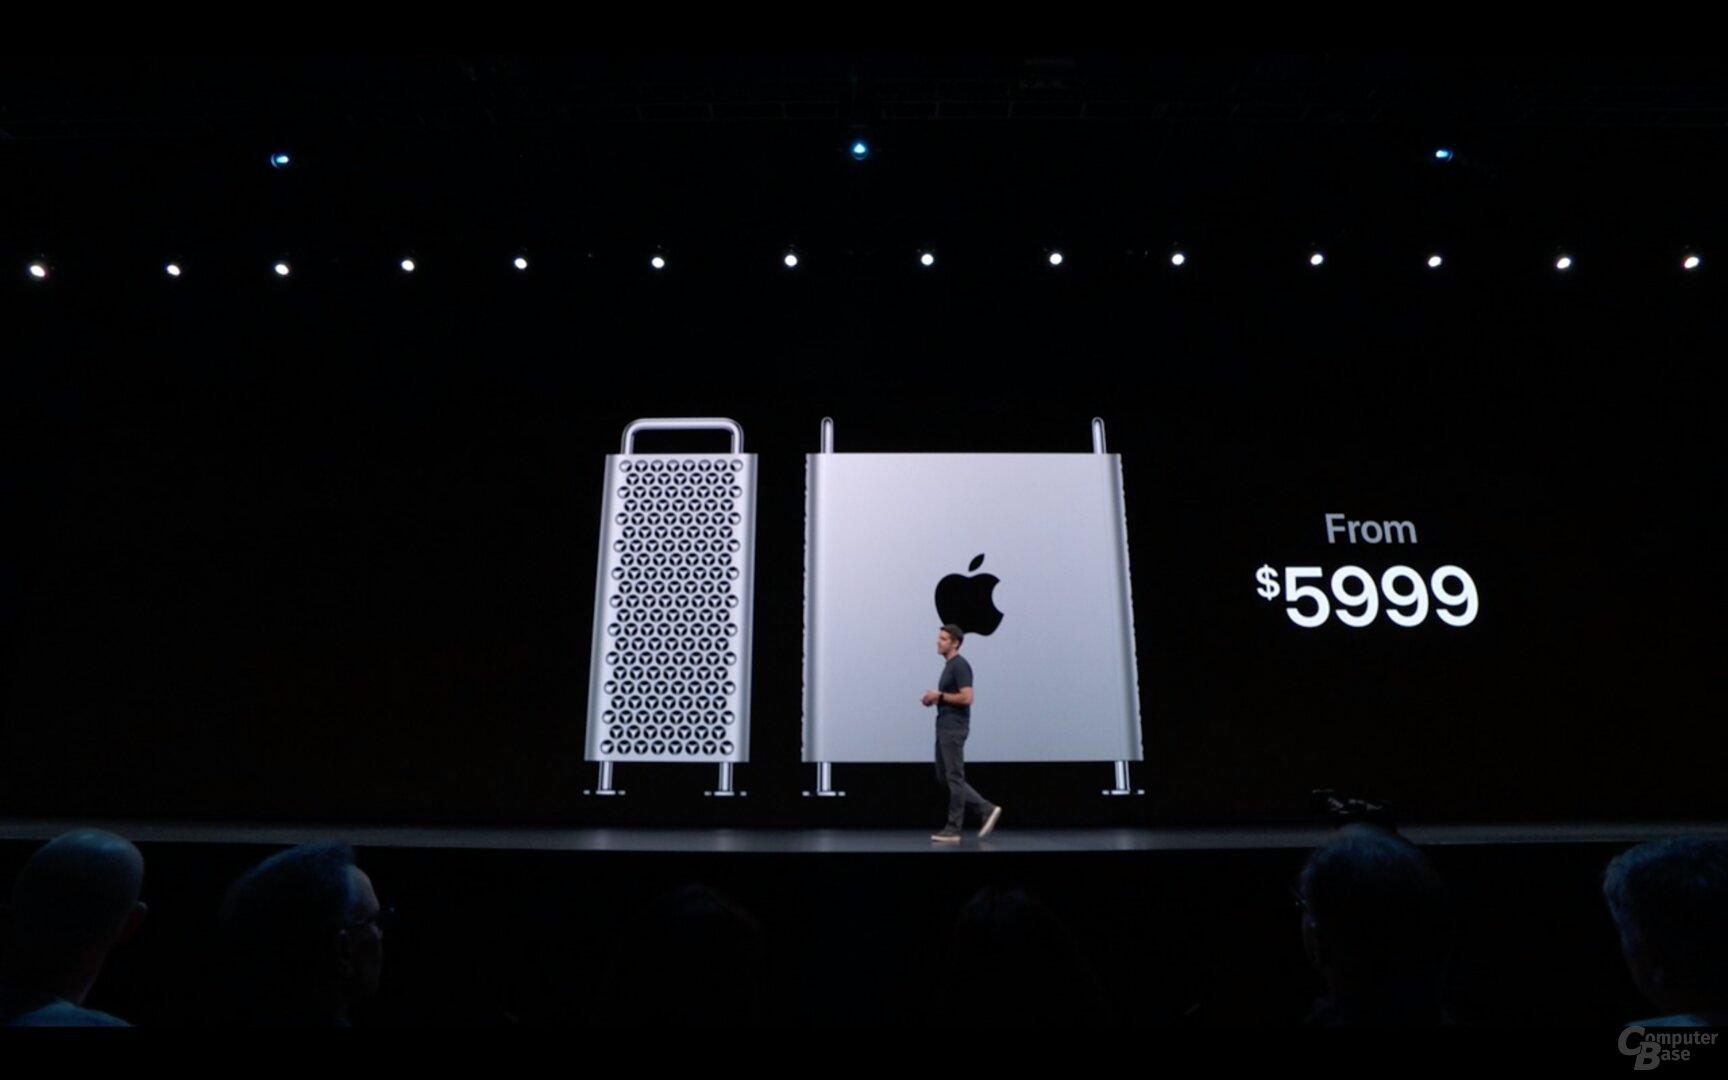 Der neue Mac Pro kostet mindestens 5.999 US-Dollar vor Steuern